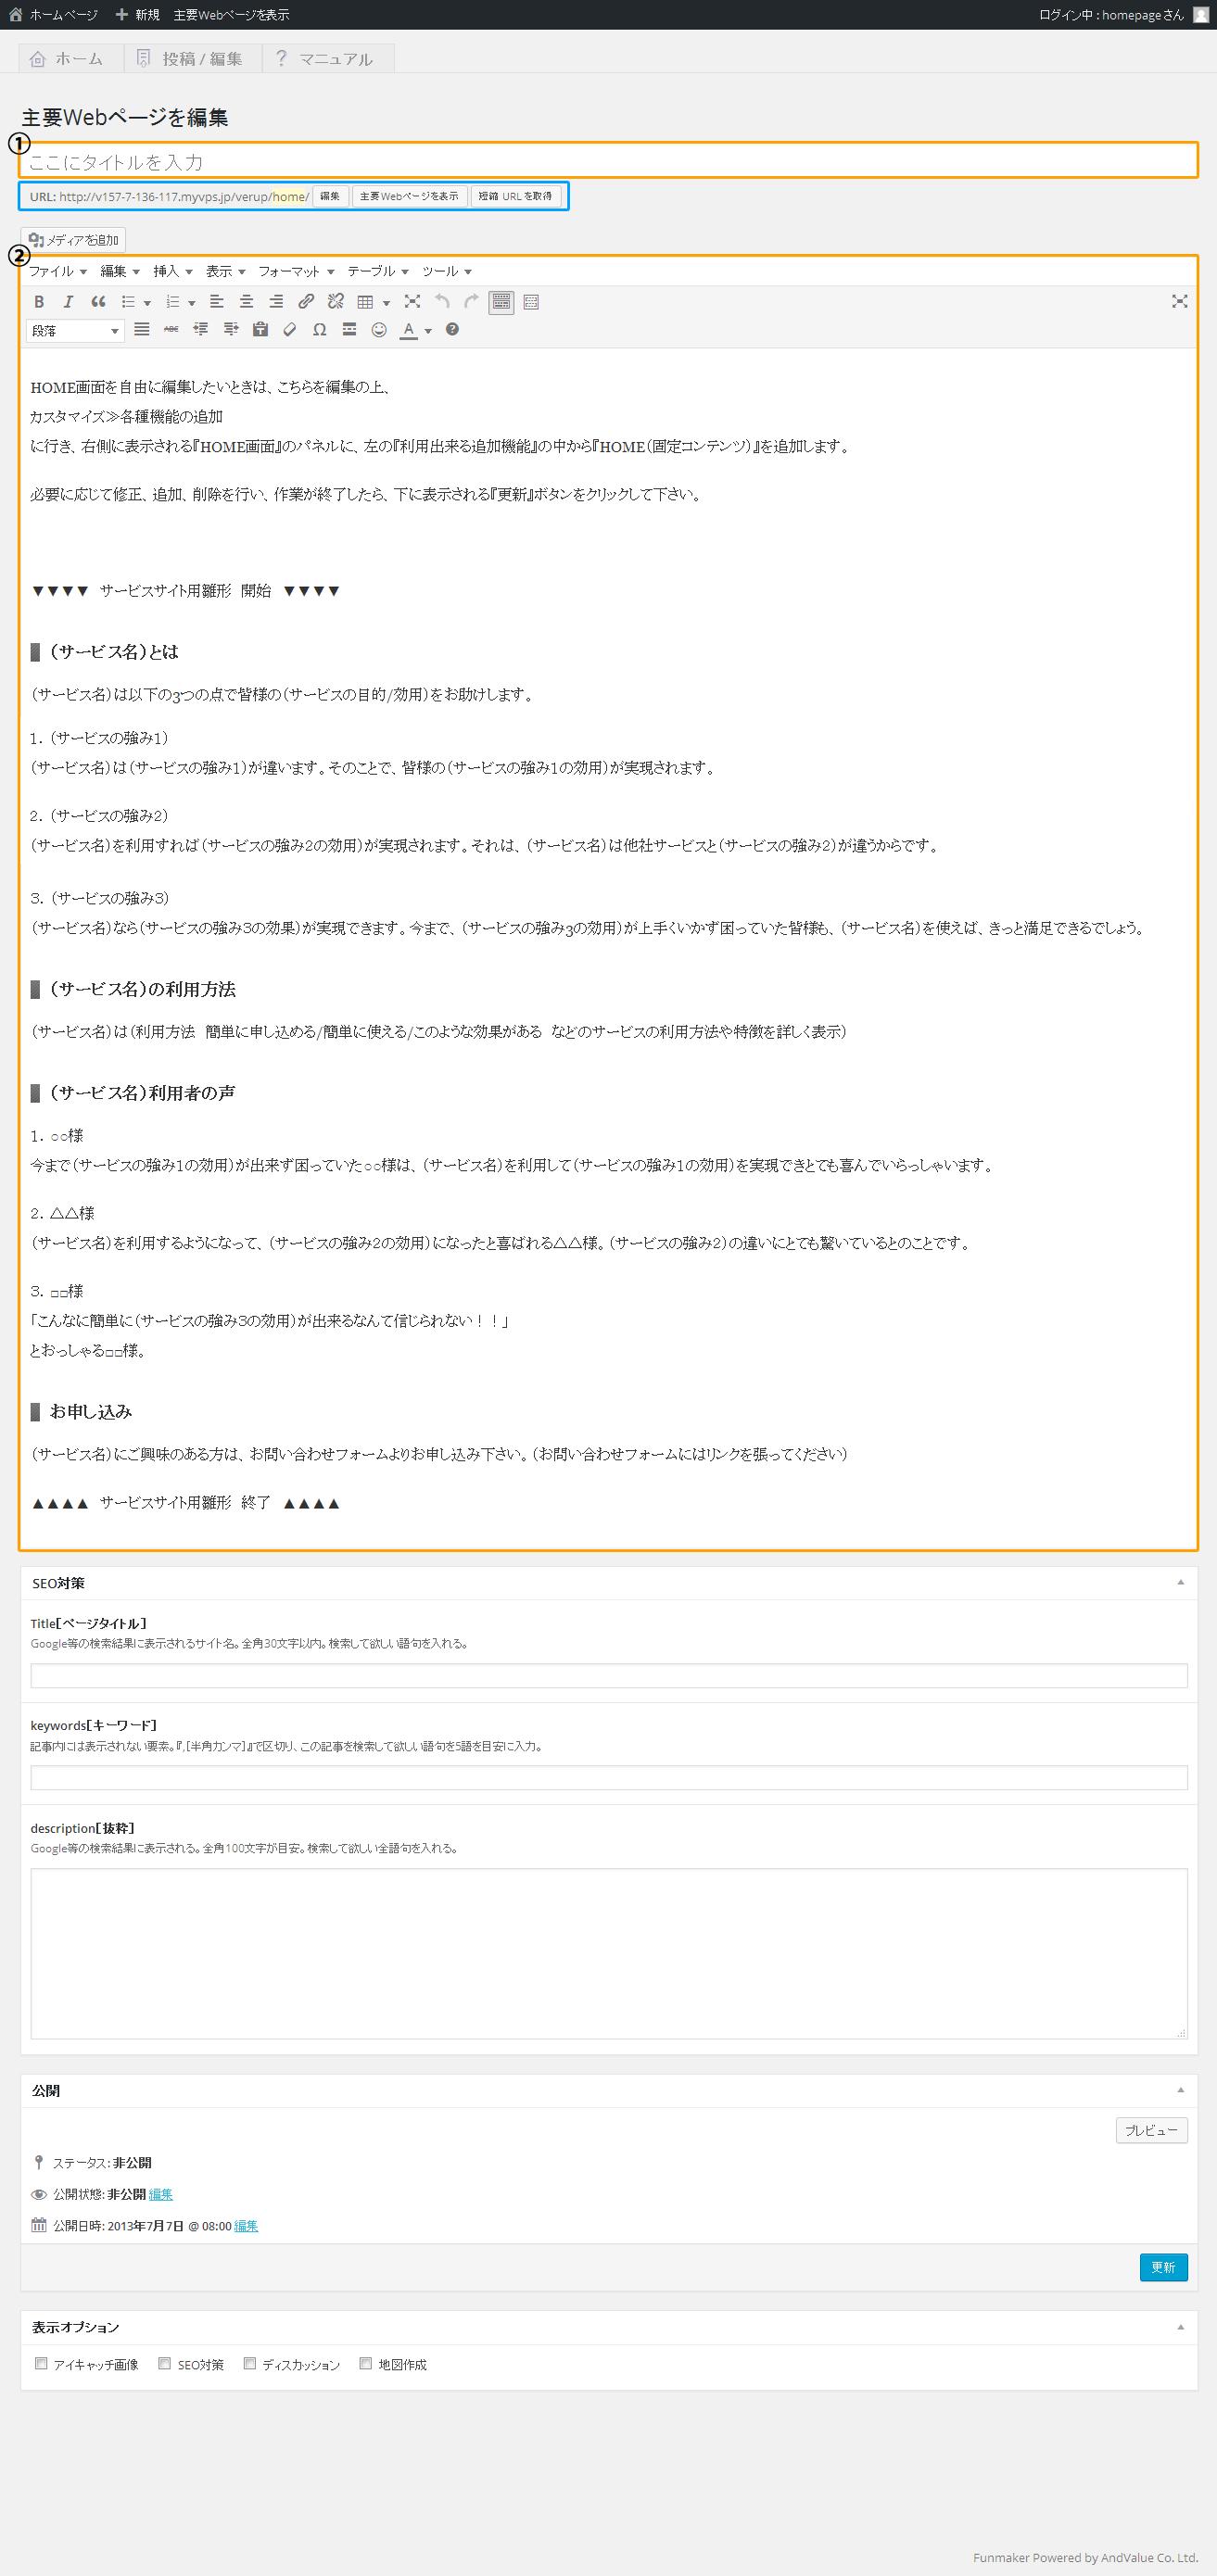 管理画面 固定コンテンツ HOME | 初期費用無料ホームページ作成サイト - FunMaker